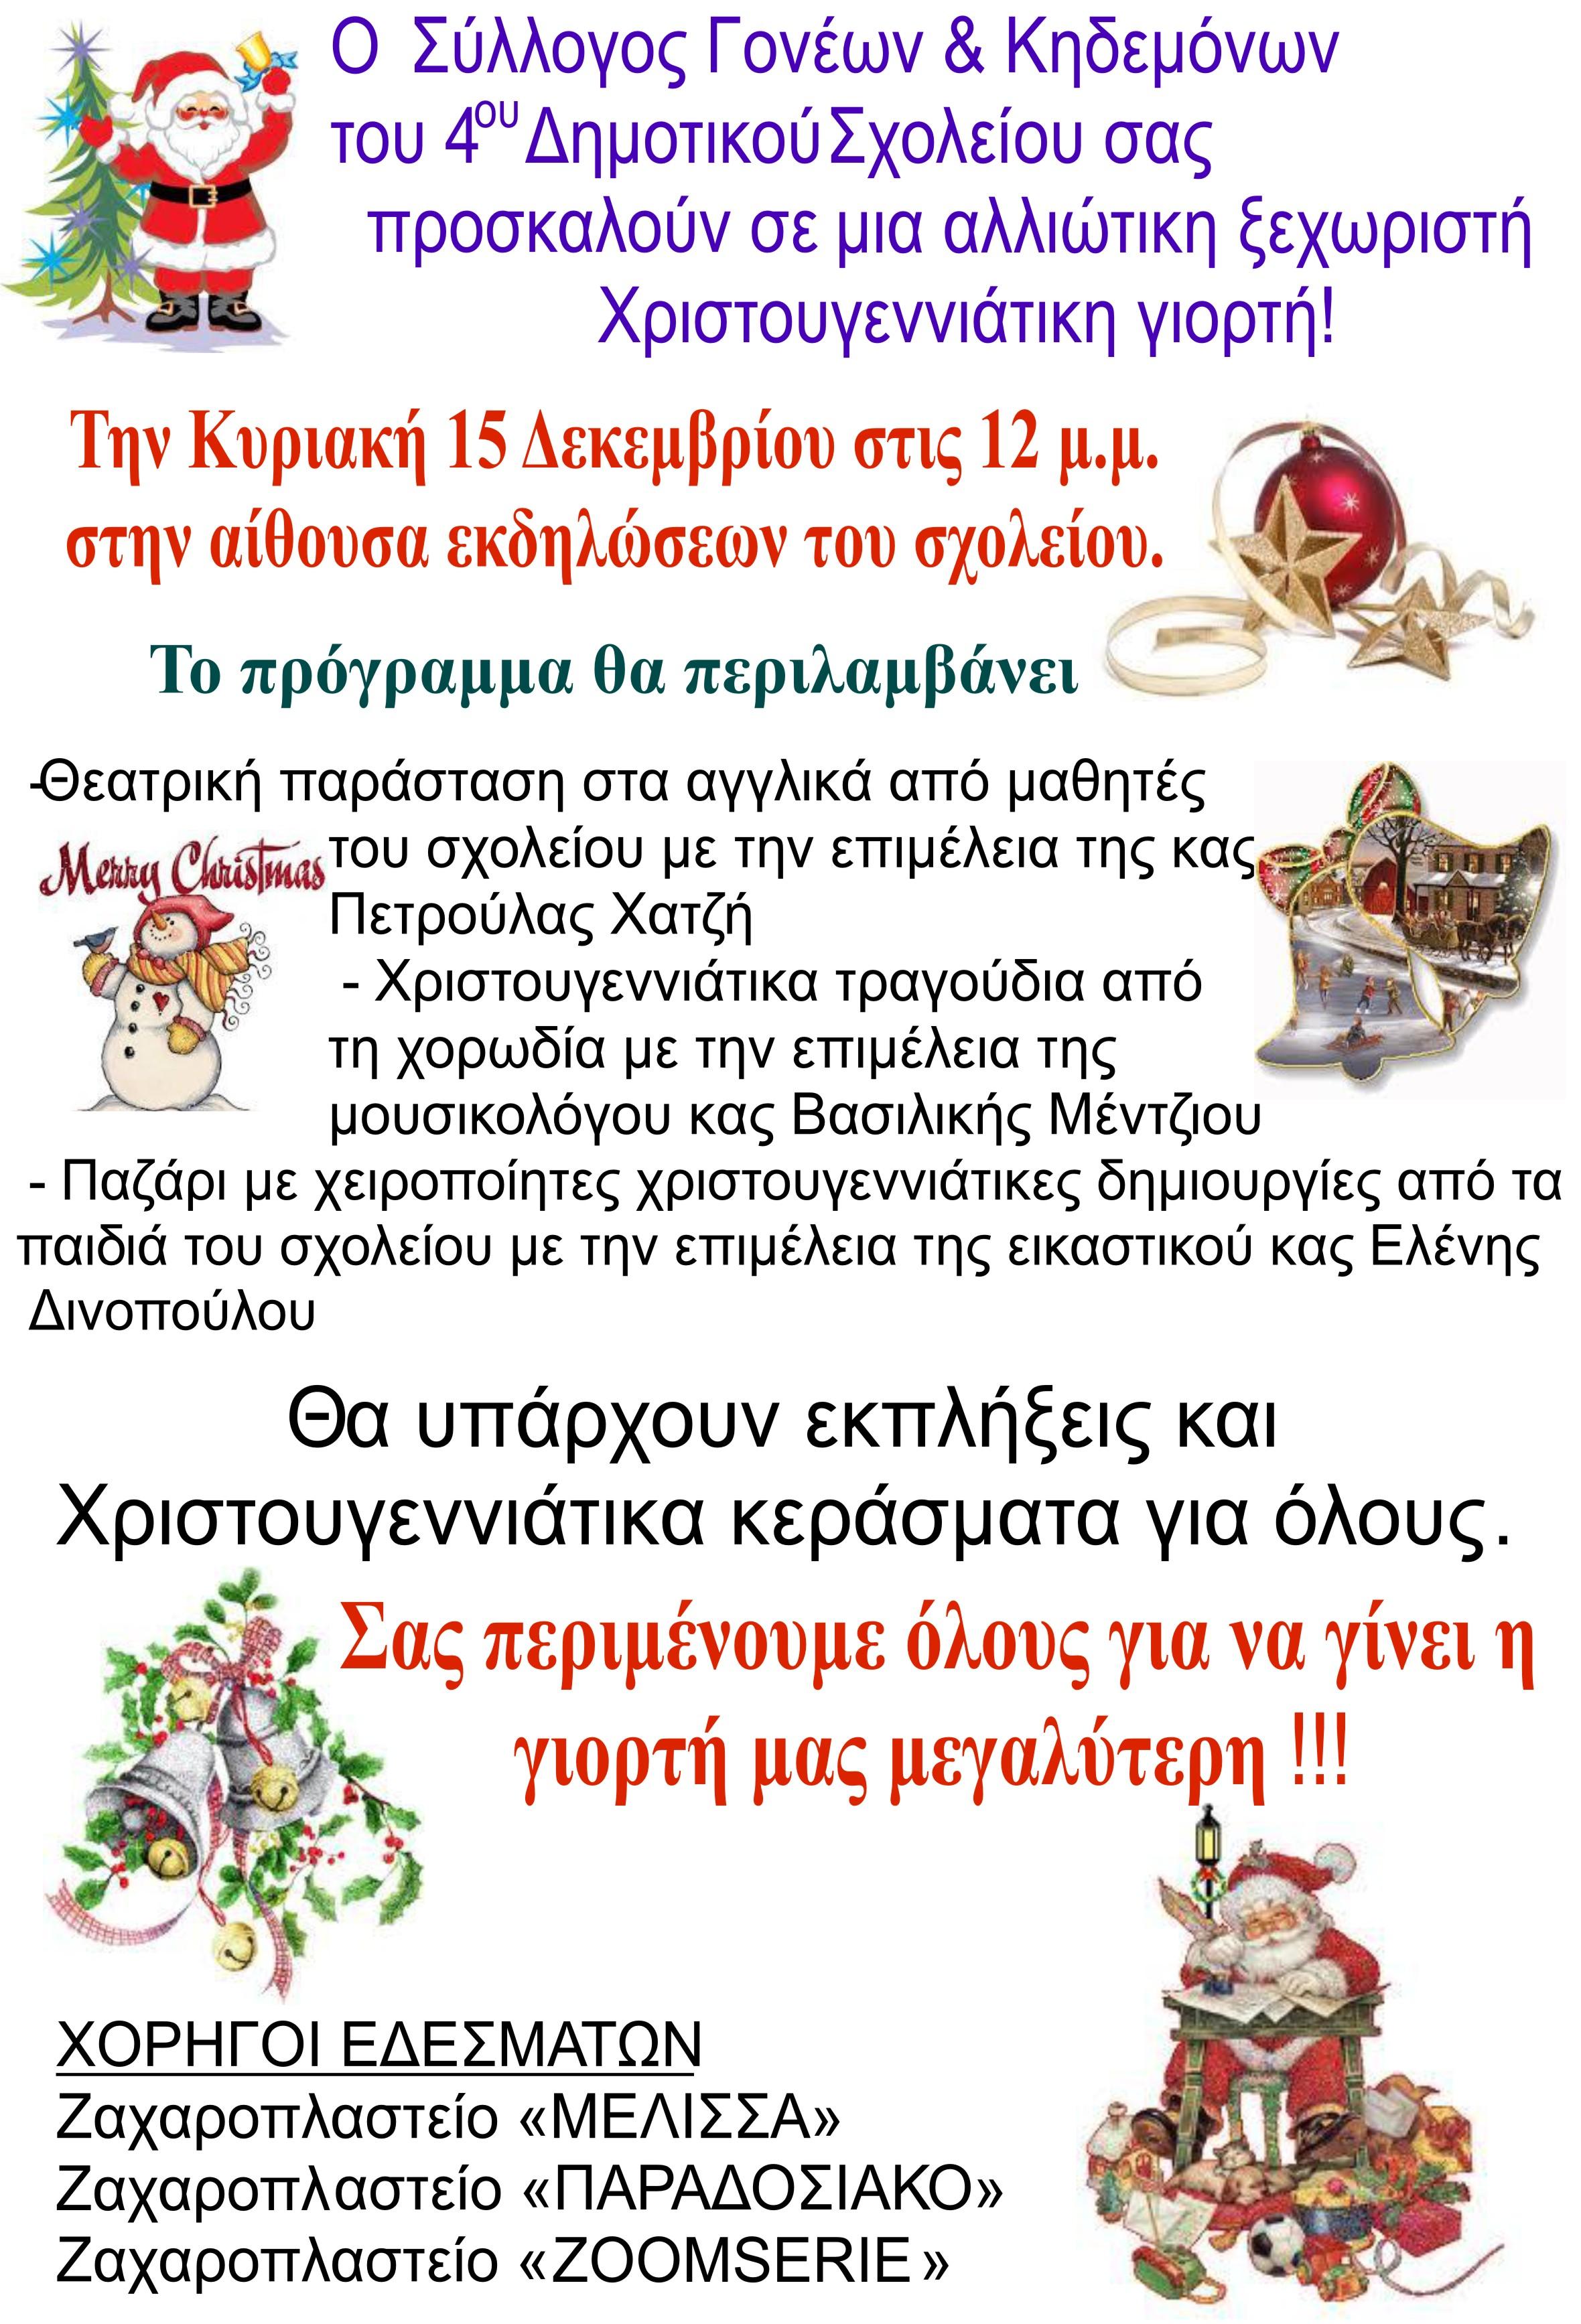 Χριστουγεννιάτικη γιορτή στο 4ο Δημοτικό Σχολείο Γρεβενών